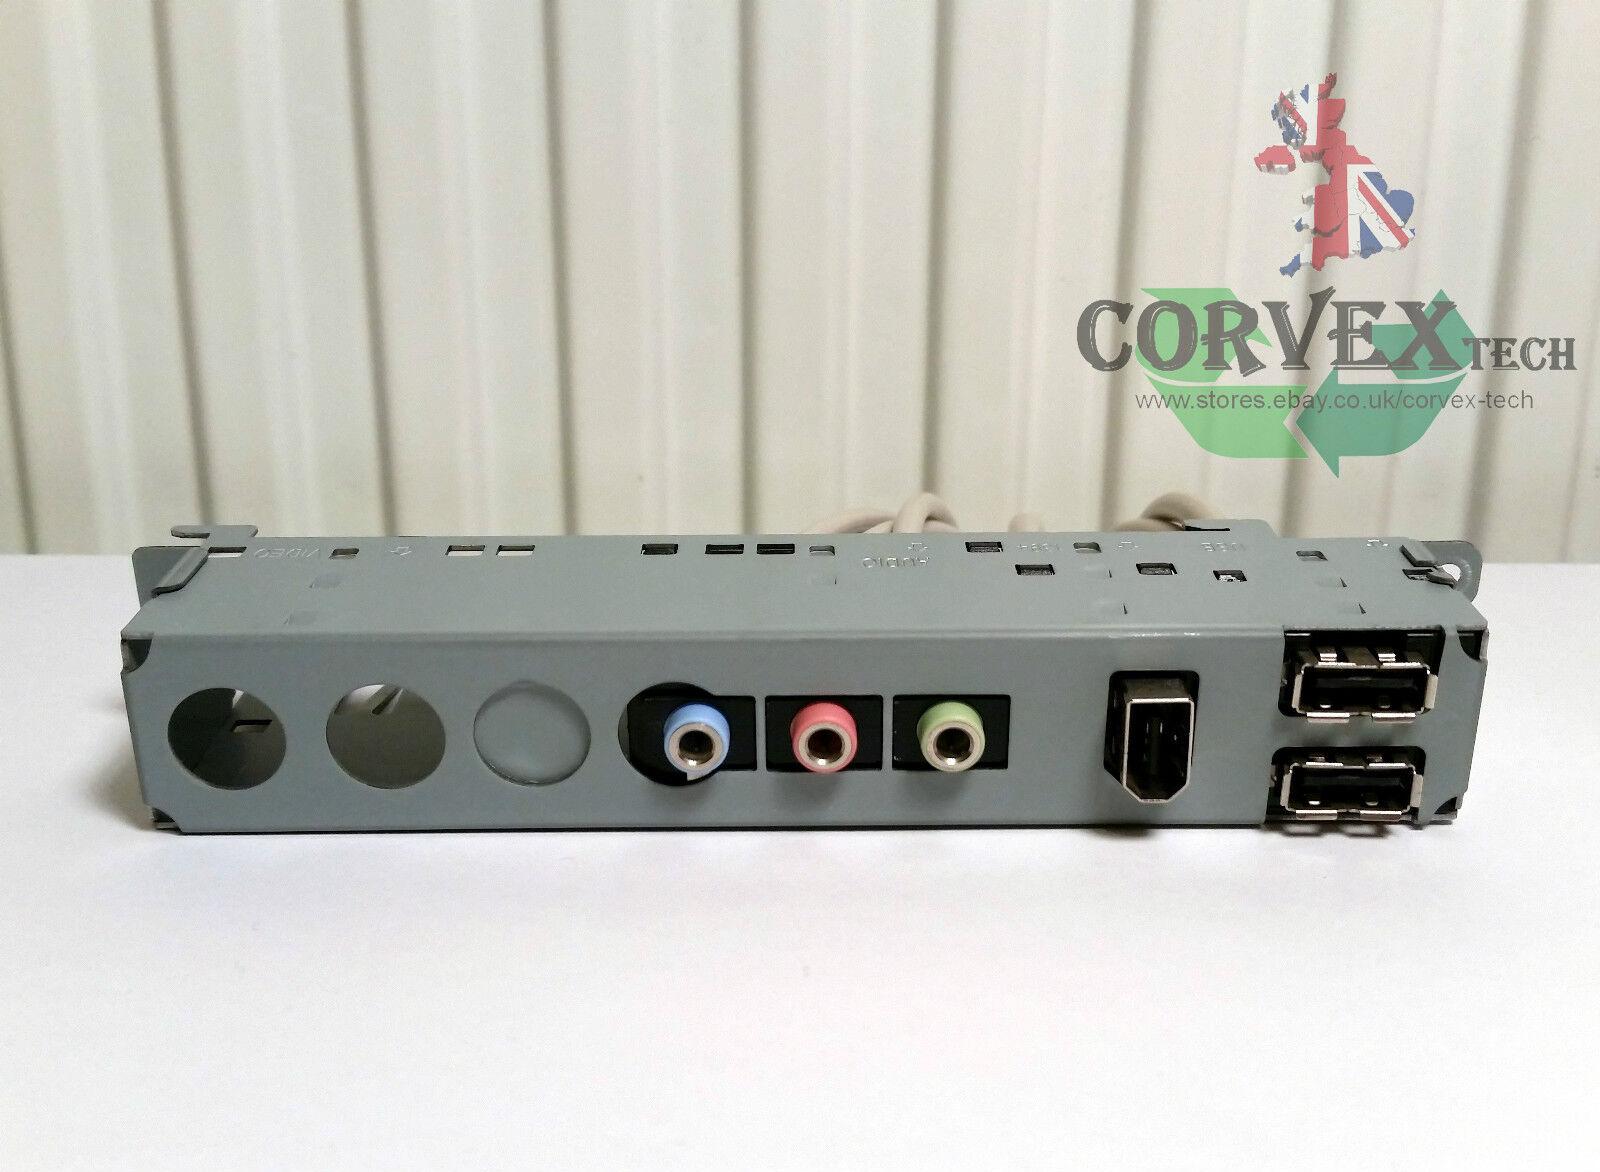 COMPAQ PRESARIO SR1000 SOUND CARD WINDOWS 8 DRIVER